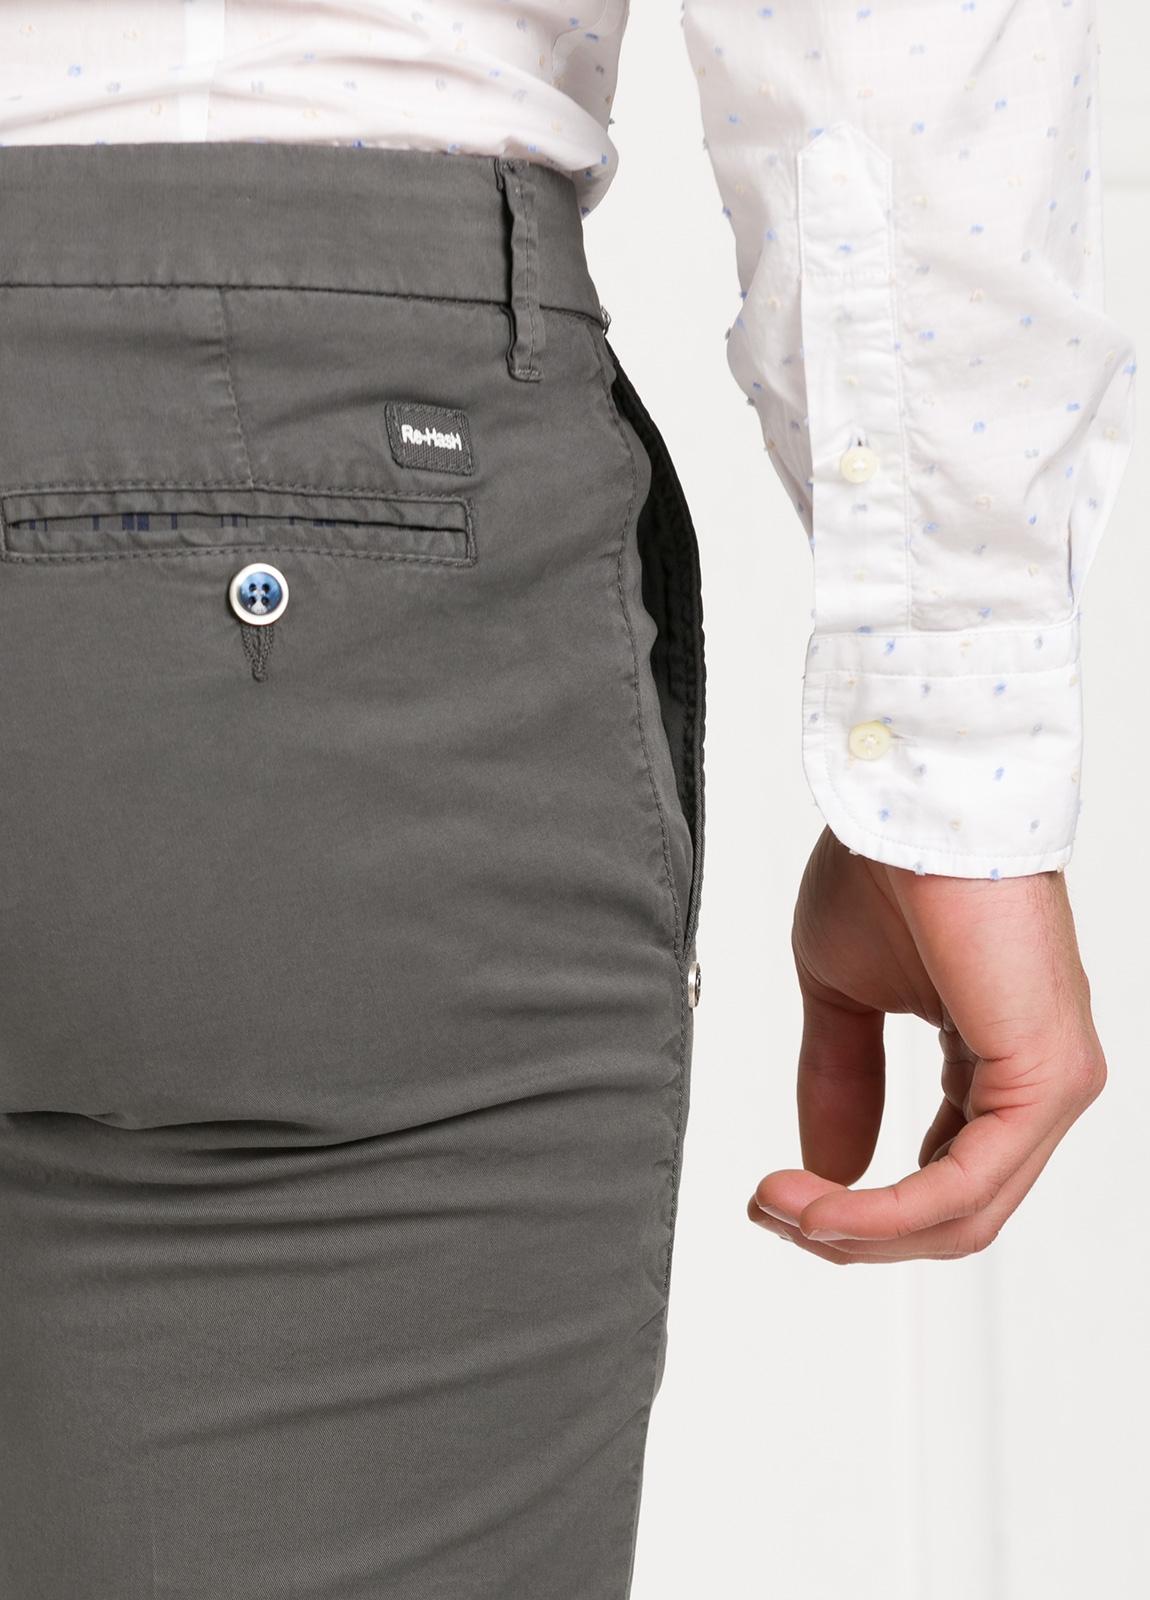 Pantalón sport modelo MUCHA P 249 color gris. Algodón y elastáno. - Ítem2